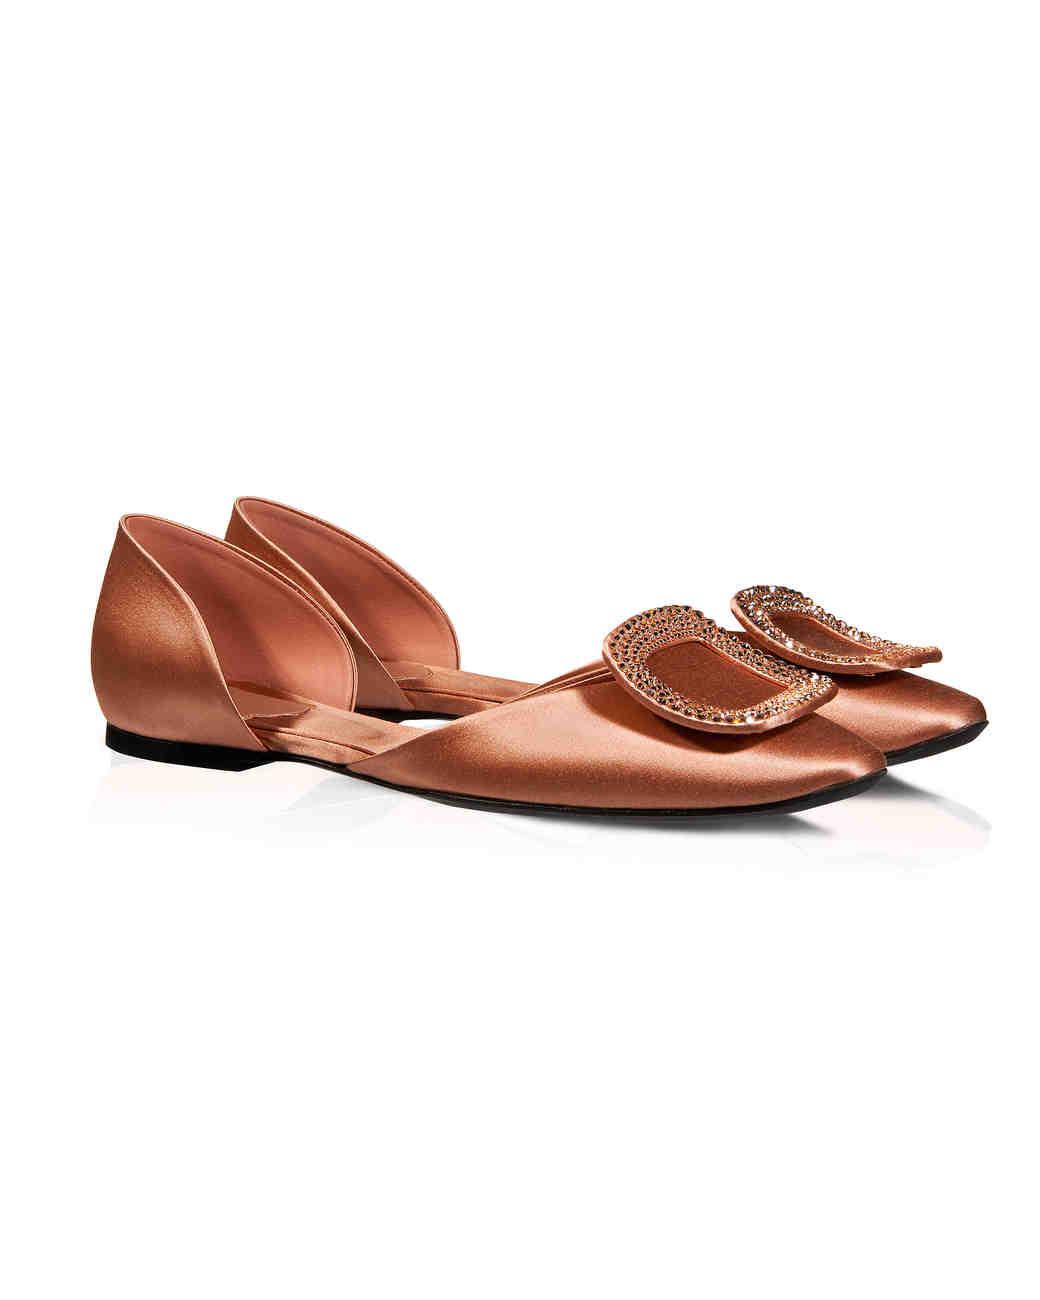 summer-wedding-shoes-roger-vivier-chips-strass-ballerinas-0515.jpg